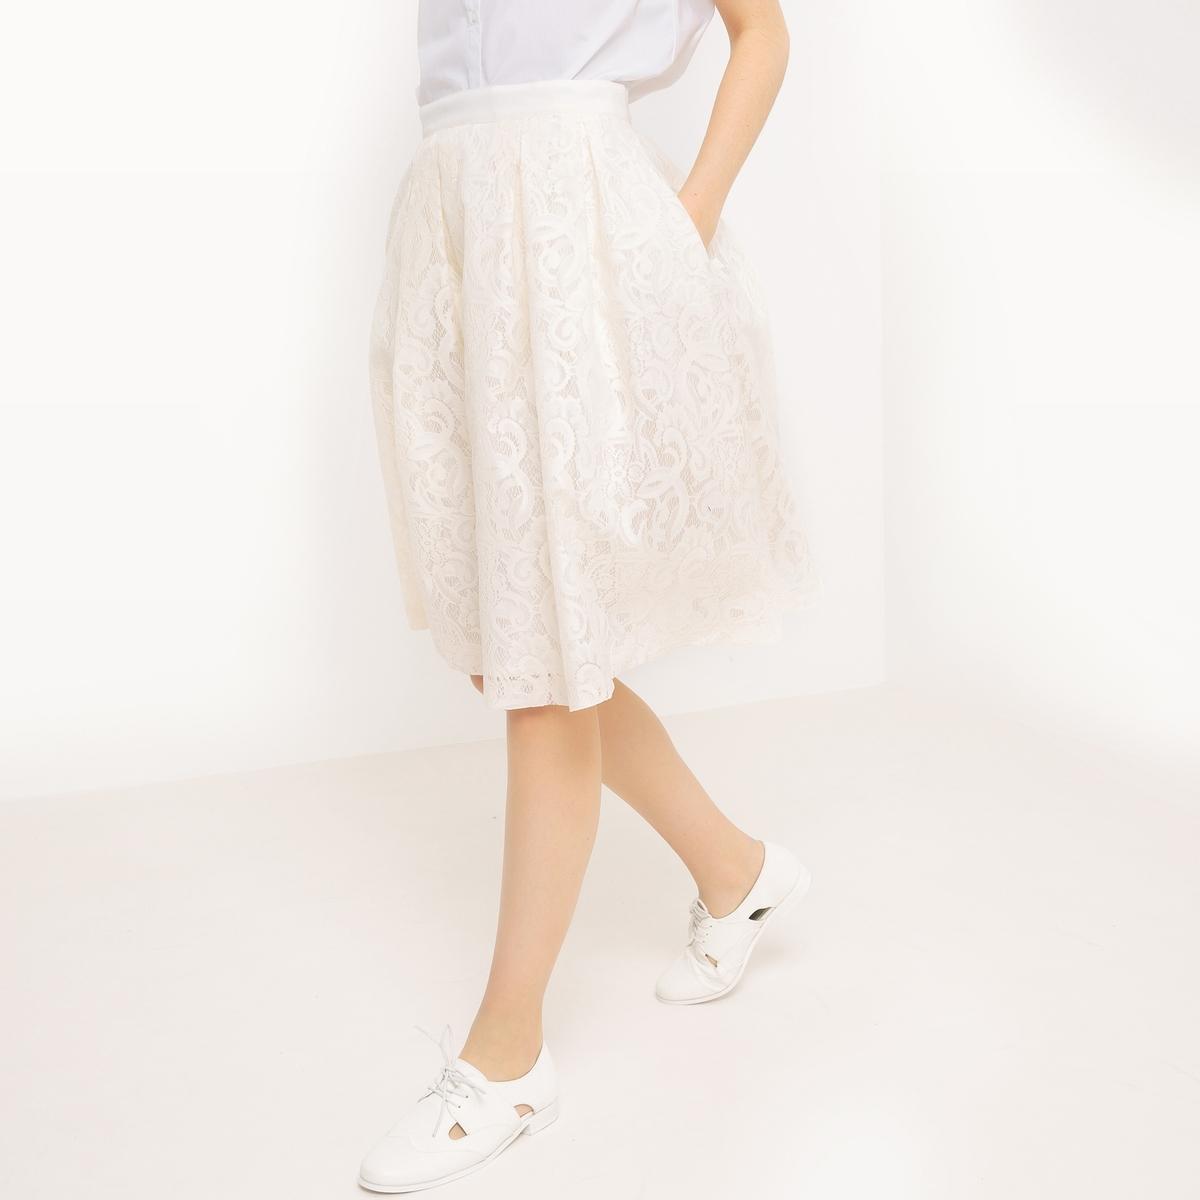 Юбка-миди расклешенная из кружеваМатериал : 100% полиэстер       Рисунок : цветочный      Длина юбки : длинная      Особенность материала : кружево      Особенность юбки : ажурная      Стирка : машинная стирка при 30 °С в деликатном режиме      Уход : машинная стирка в деликатном режиме / отбеливание запрещено      Машинная сушка : машинная сушка запрещена      Глажка : при низкой температуре<br><br>Цвет: слоновая кость<br>Размер: 40 (FR) - 46 (RUS)